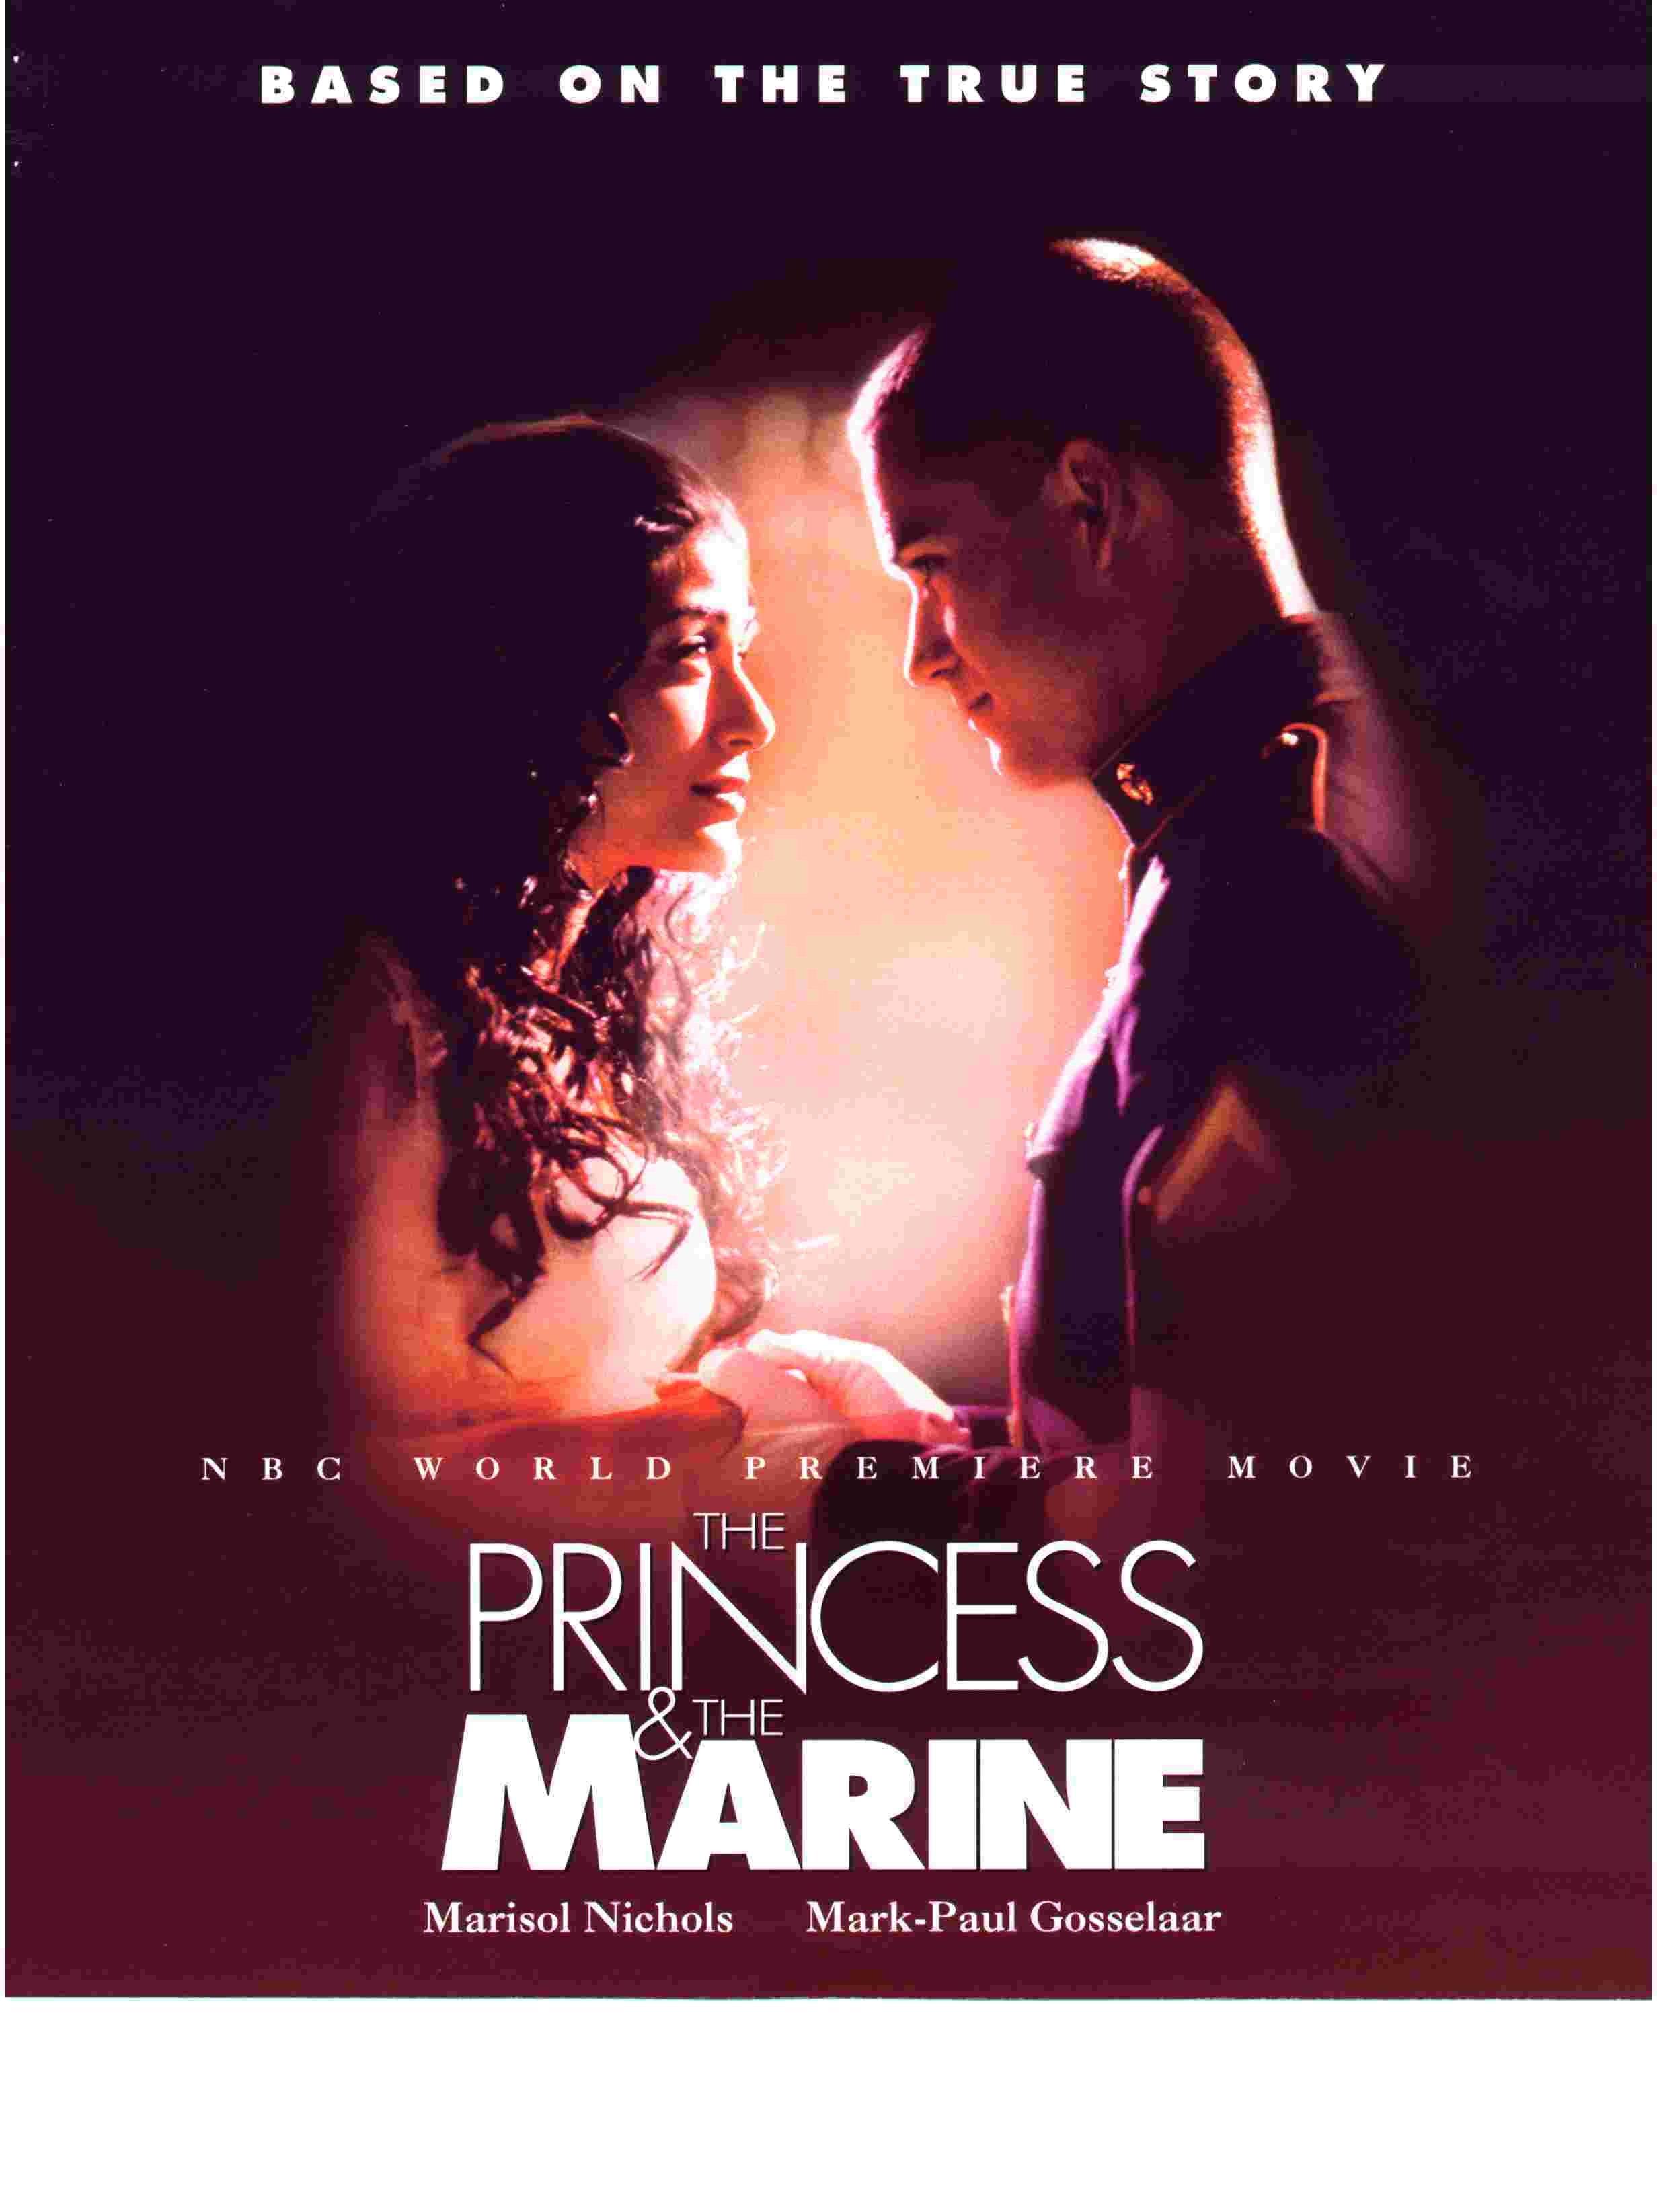 The Princess & the Marine (TV Movie 2001) - IMDb